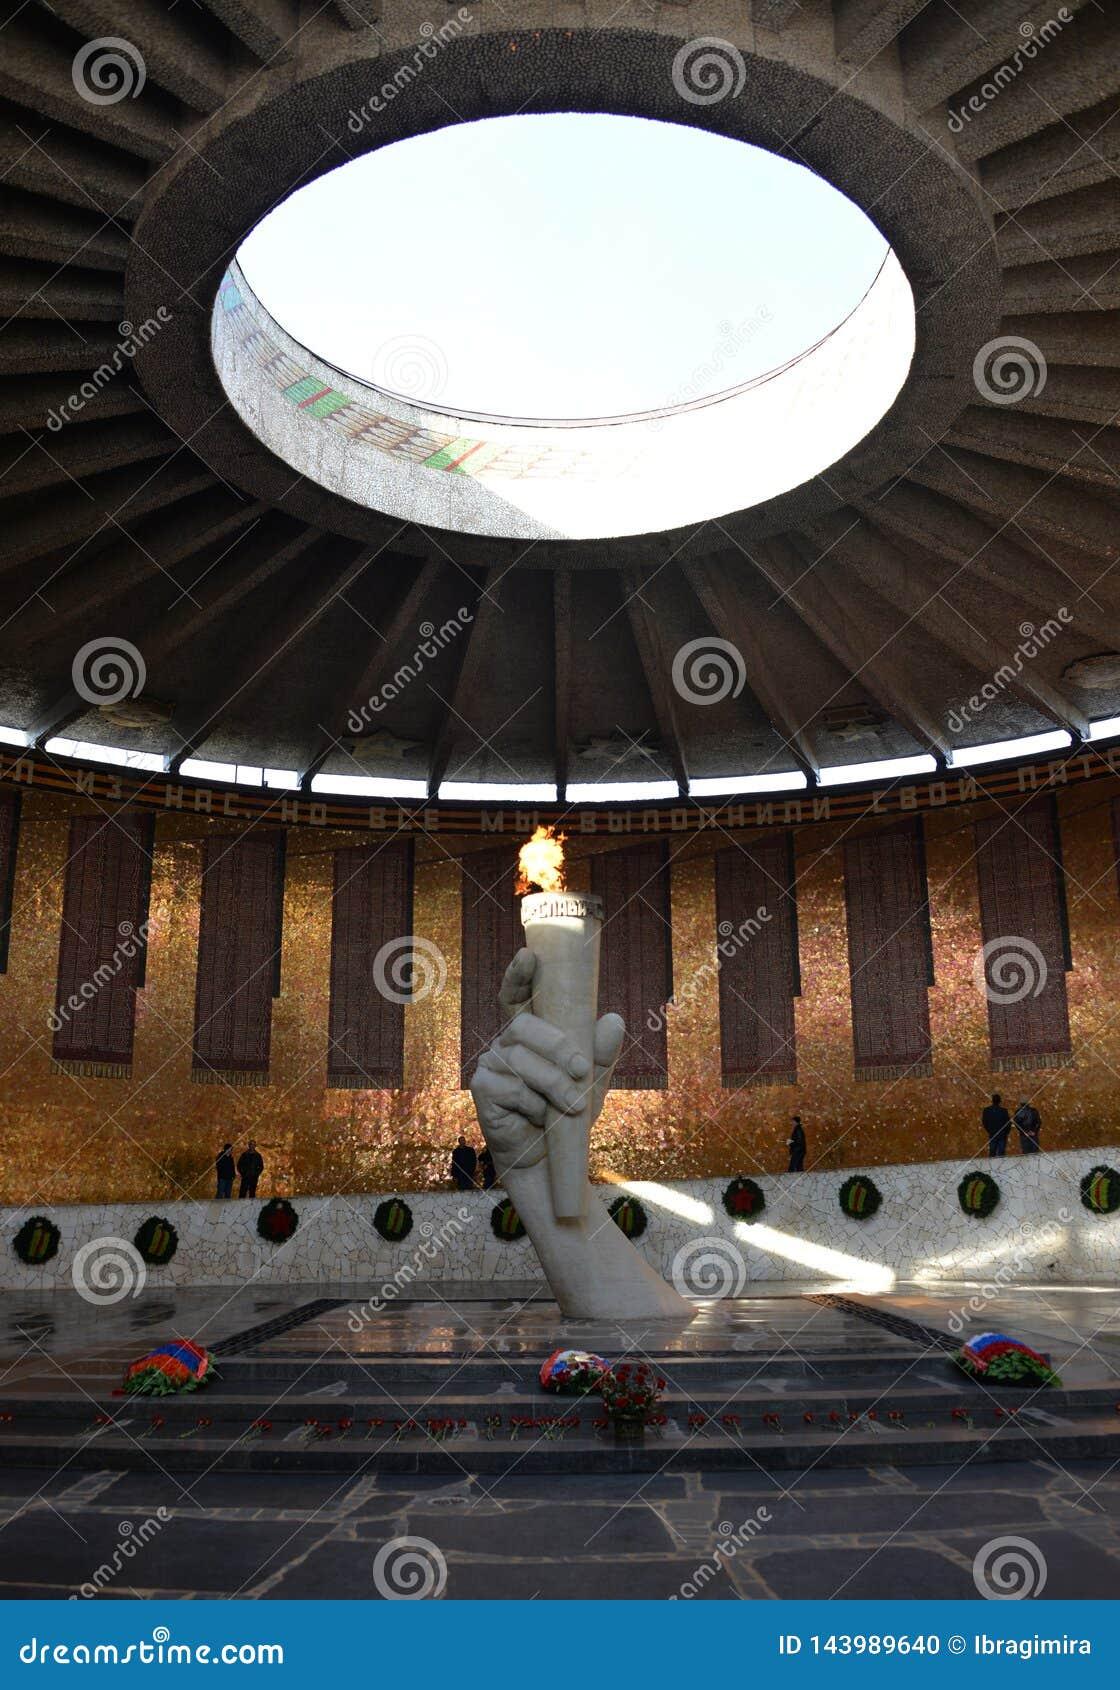 永恒火焰纪念品与热空气上升的阴霾的在伏尔加格勒